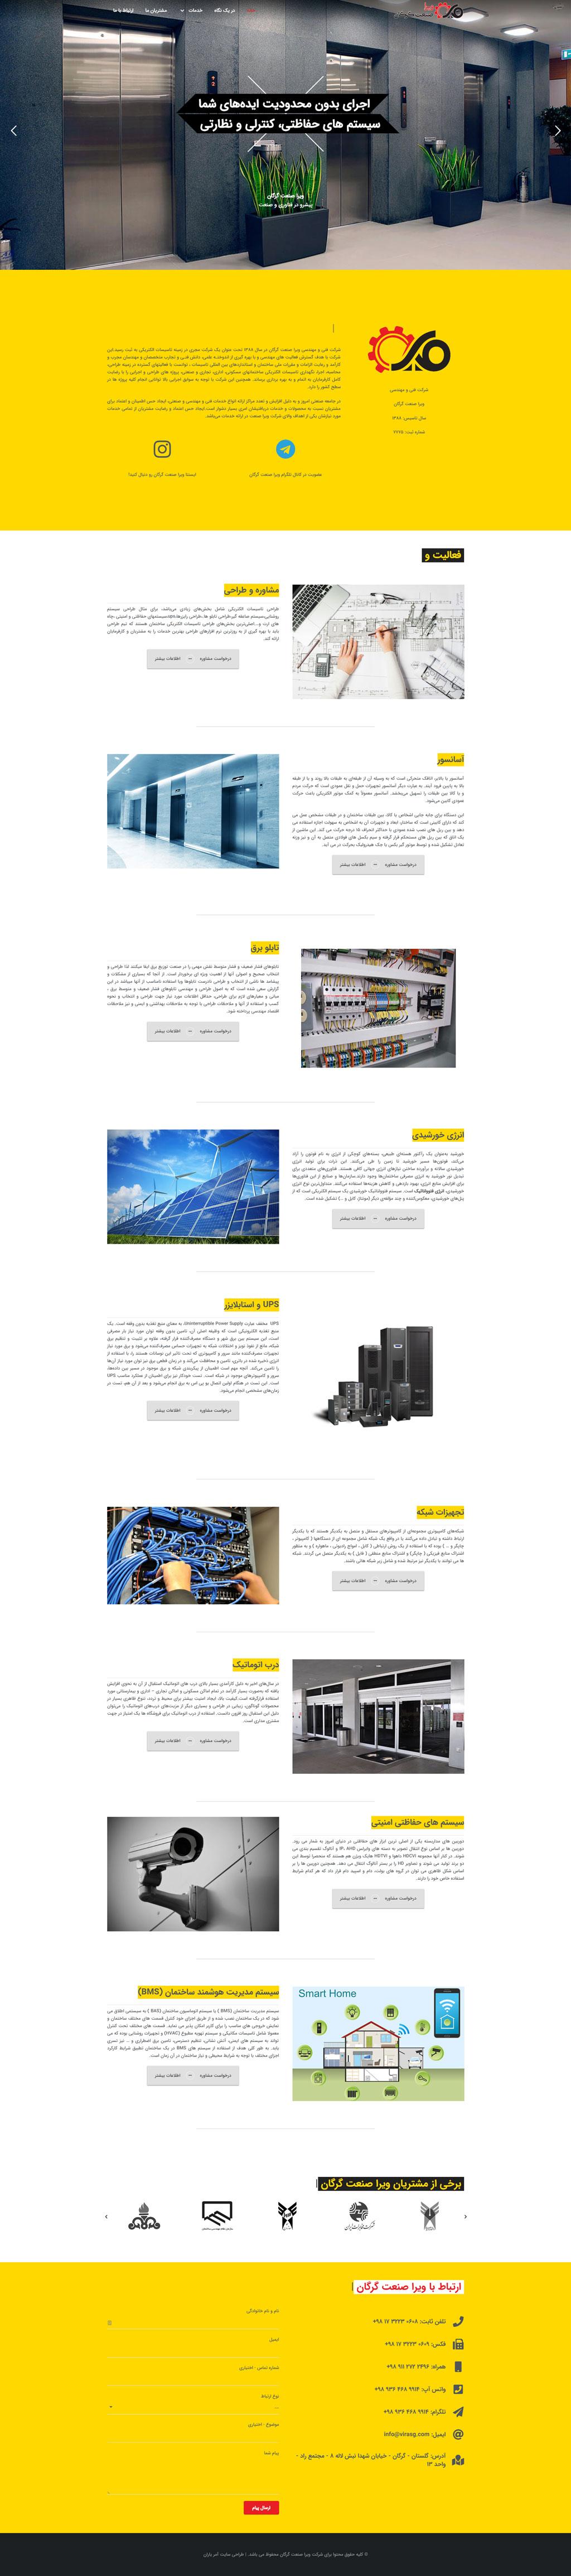 طراحی وب سایت ویرا صنعت گرگان